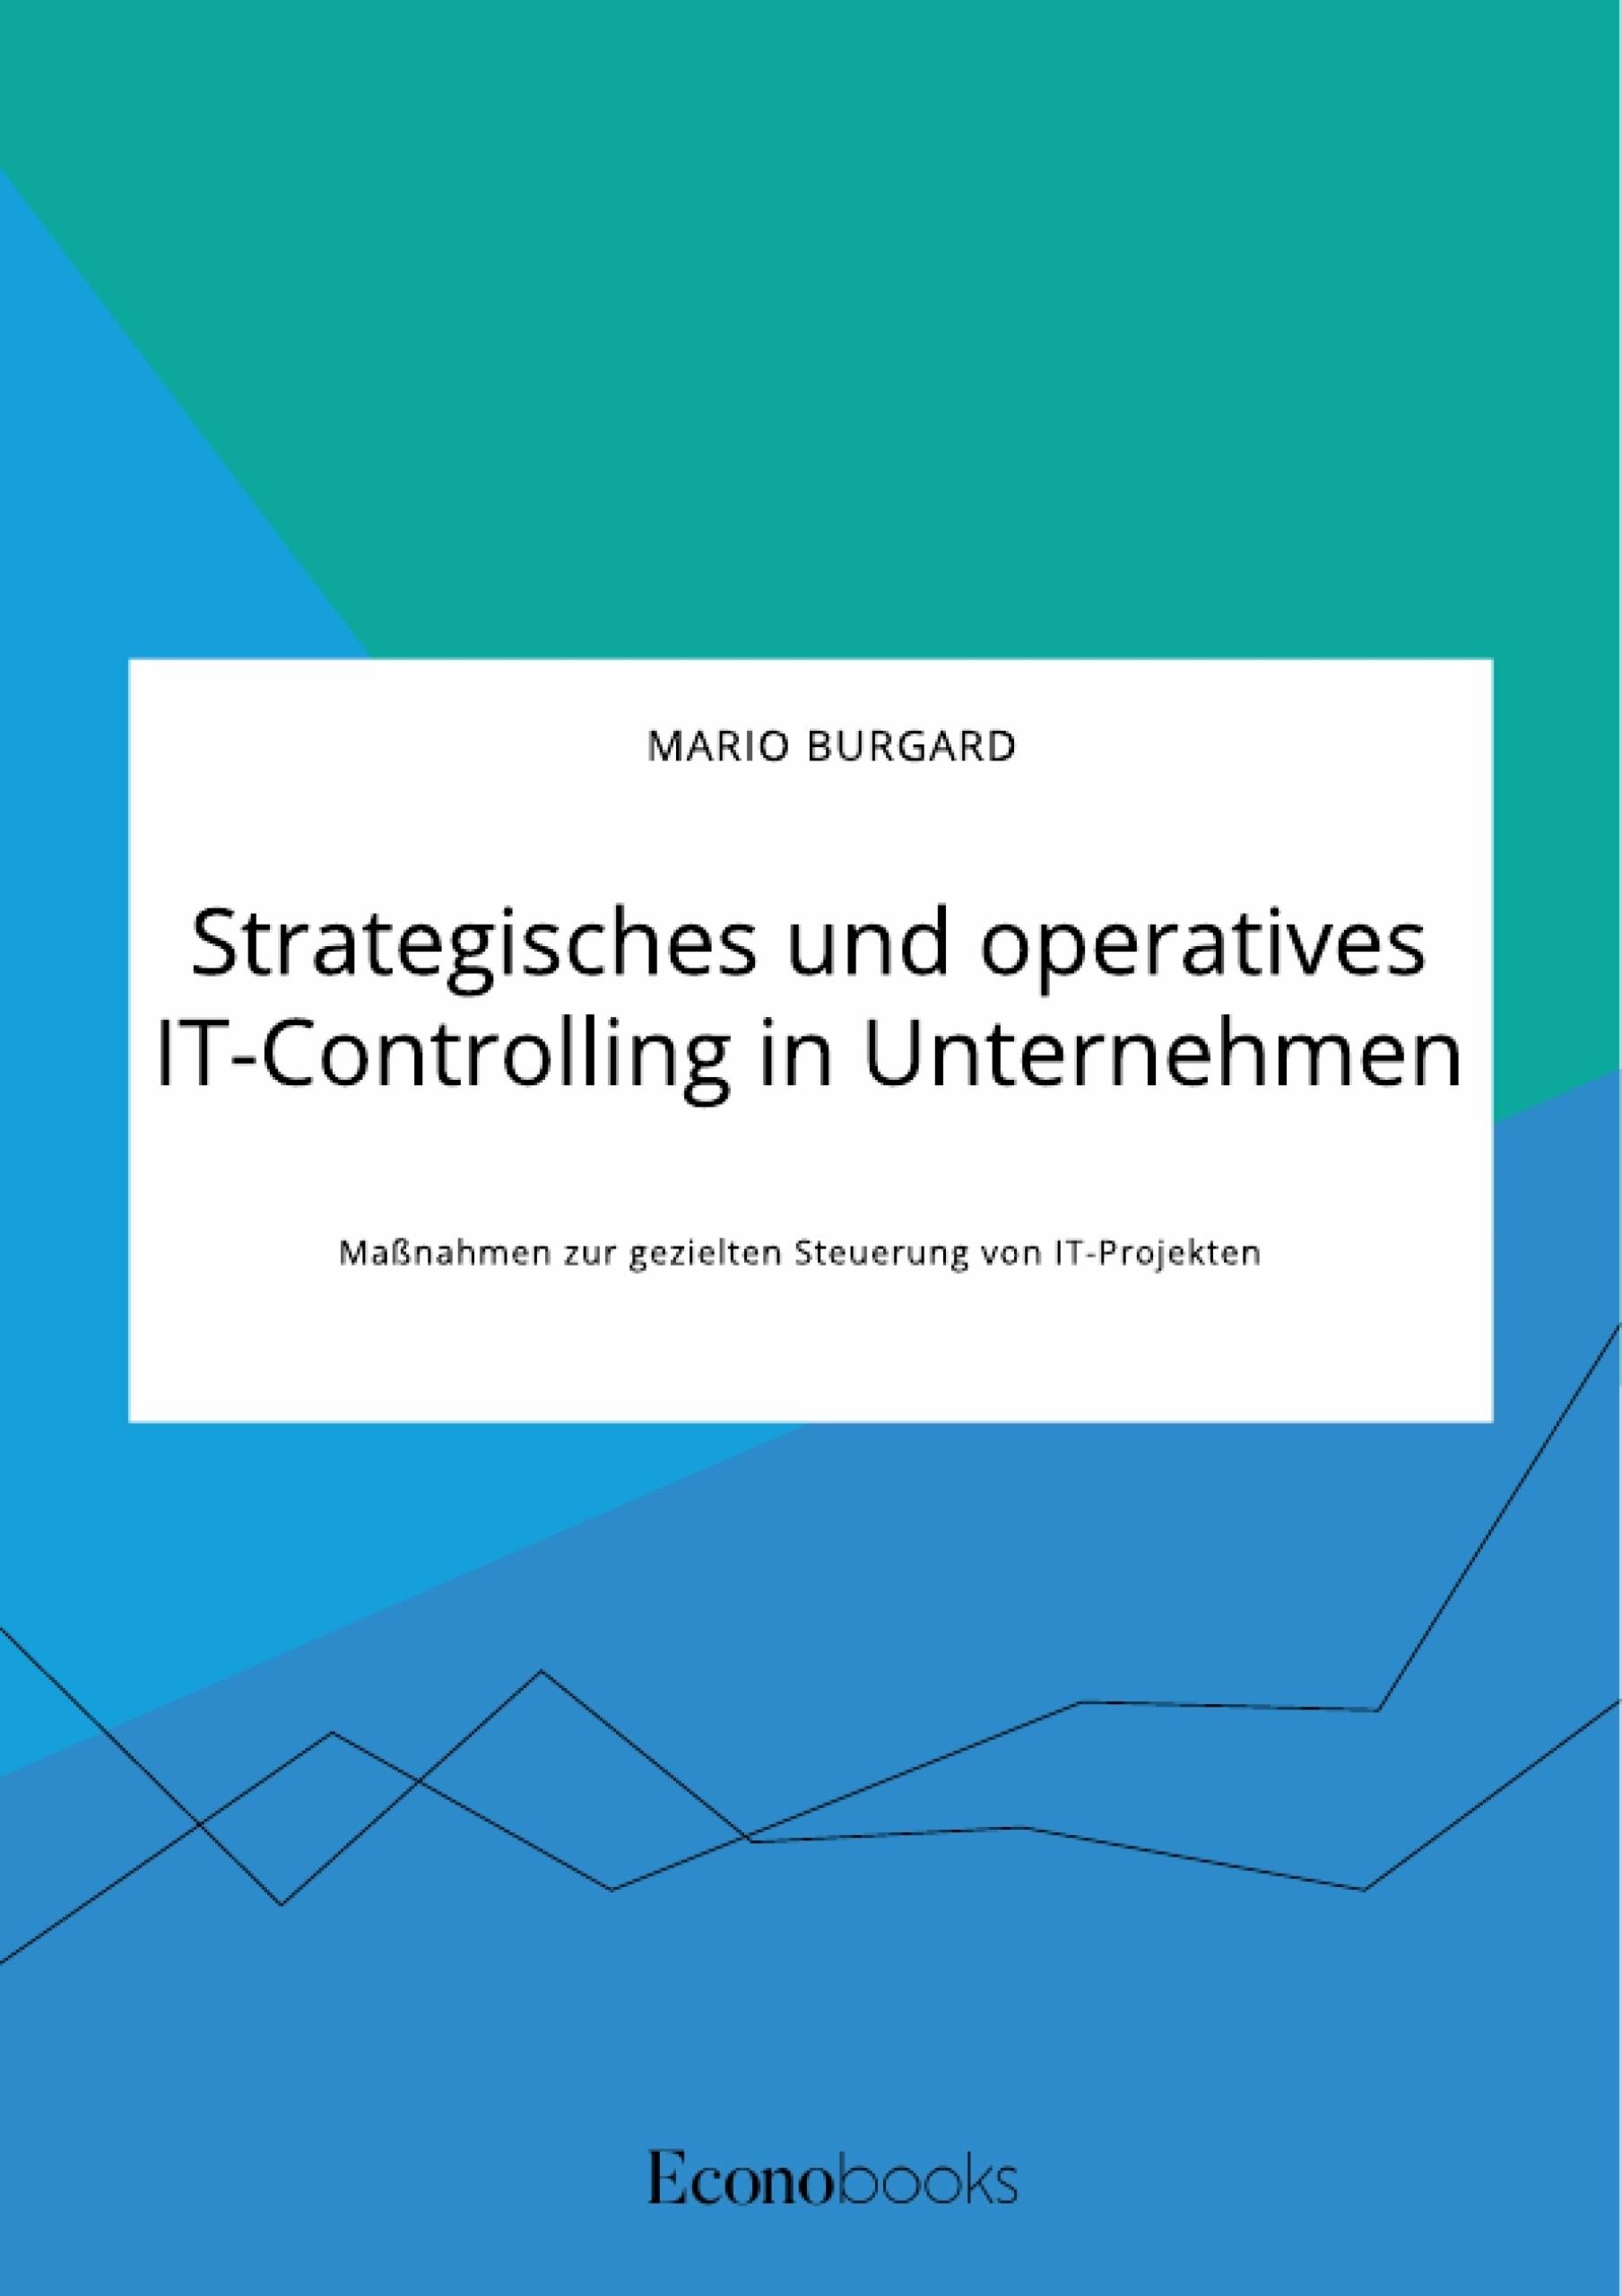 Titel: Strategisches und operatives IT-Controlling in Unternehmen. Maßnahmen zur gezielten Steuerung von IT-Projekten